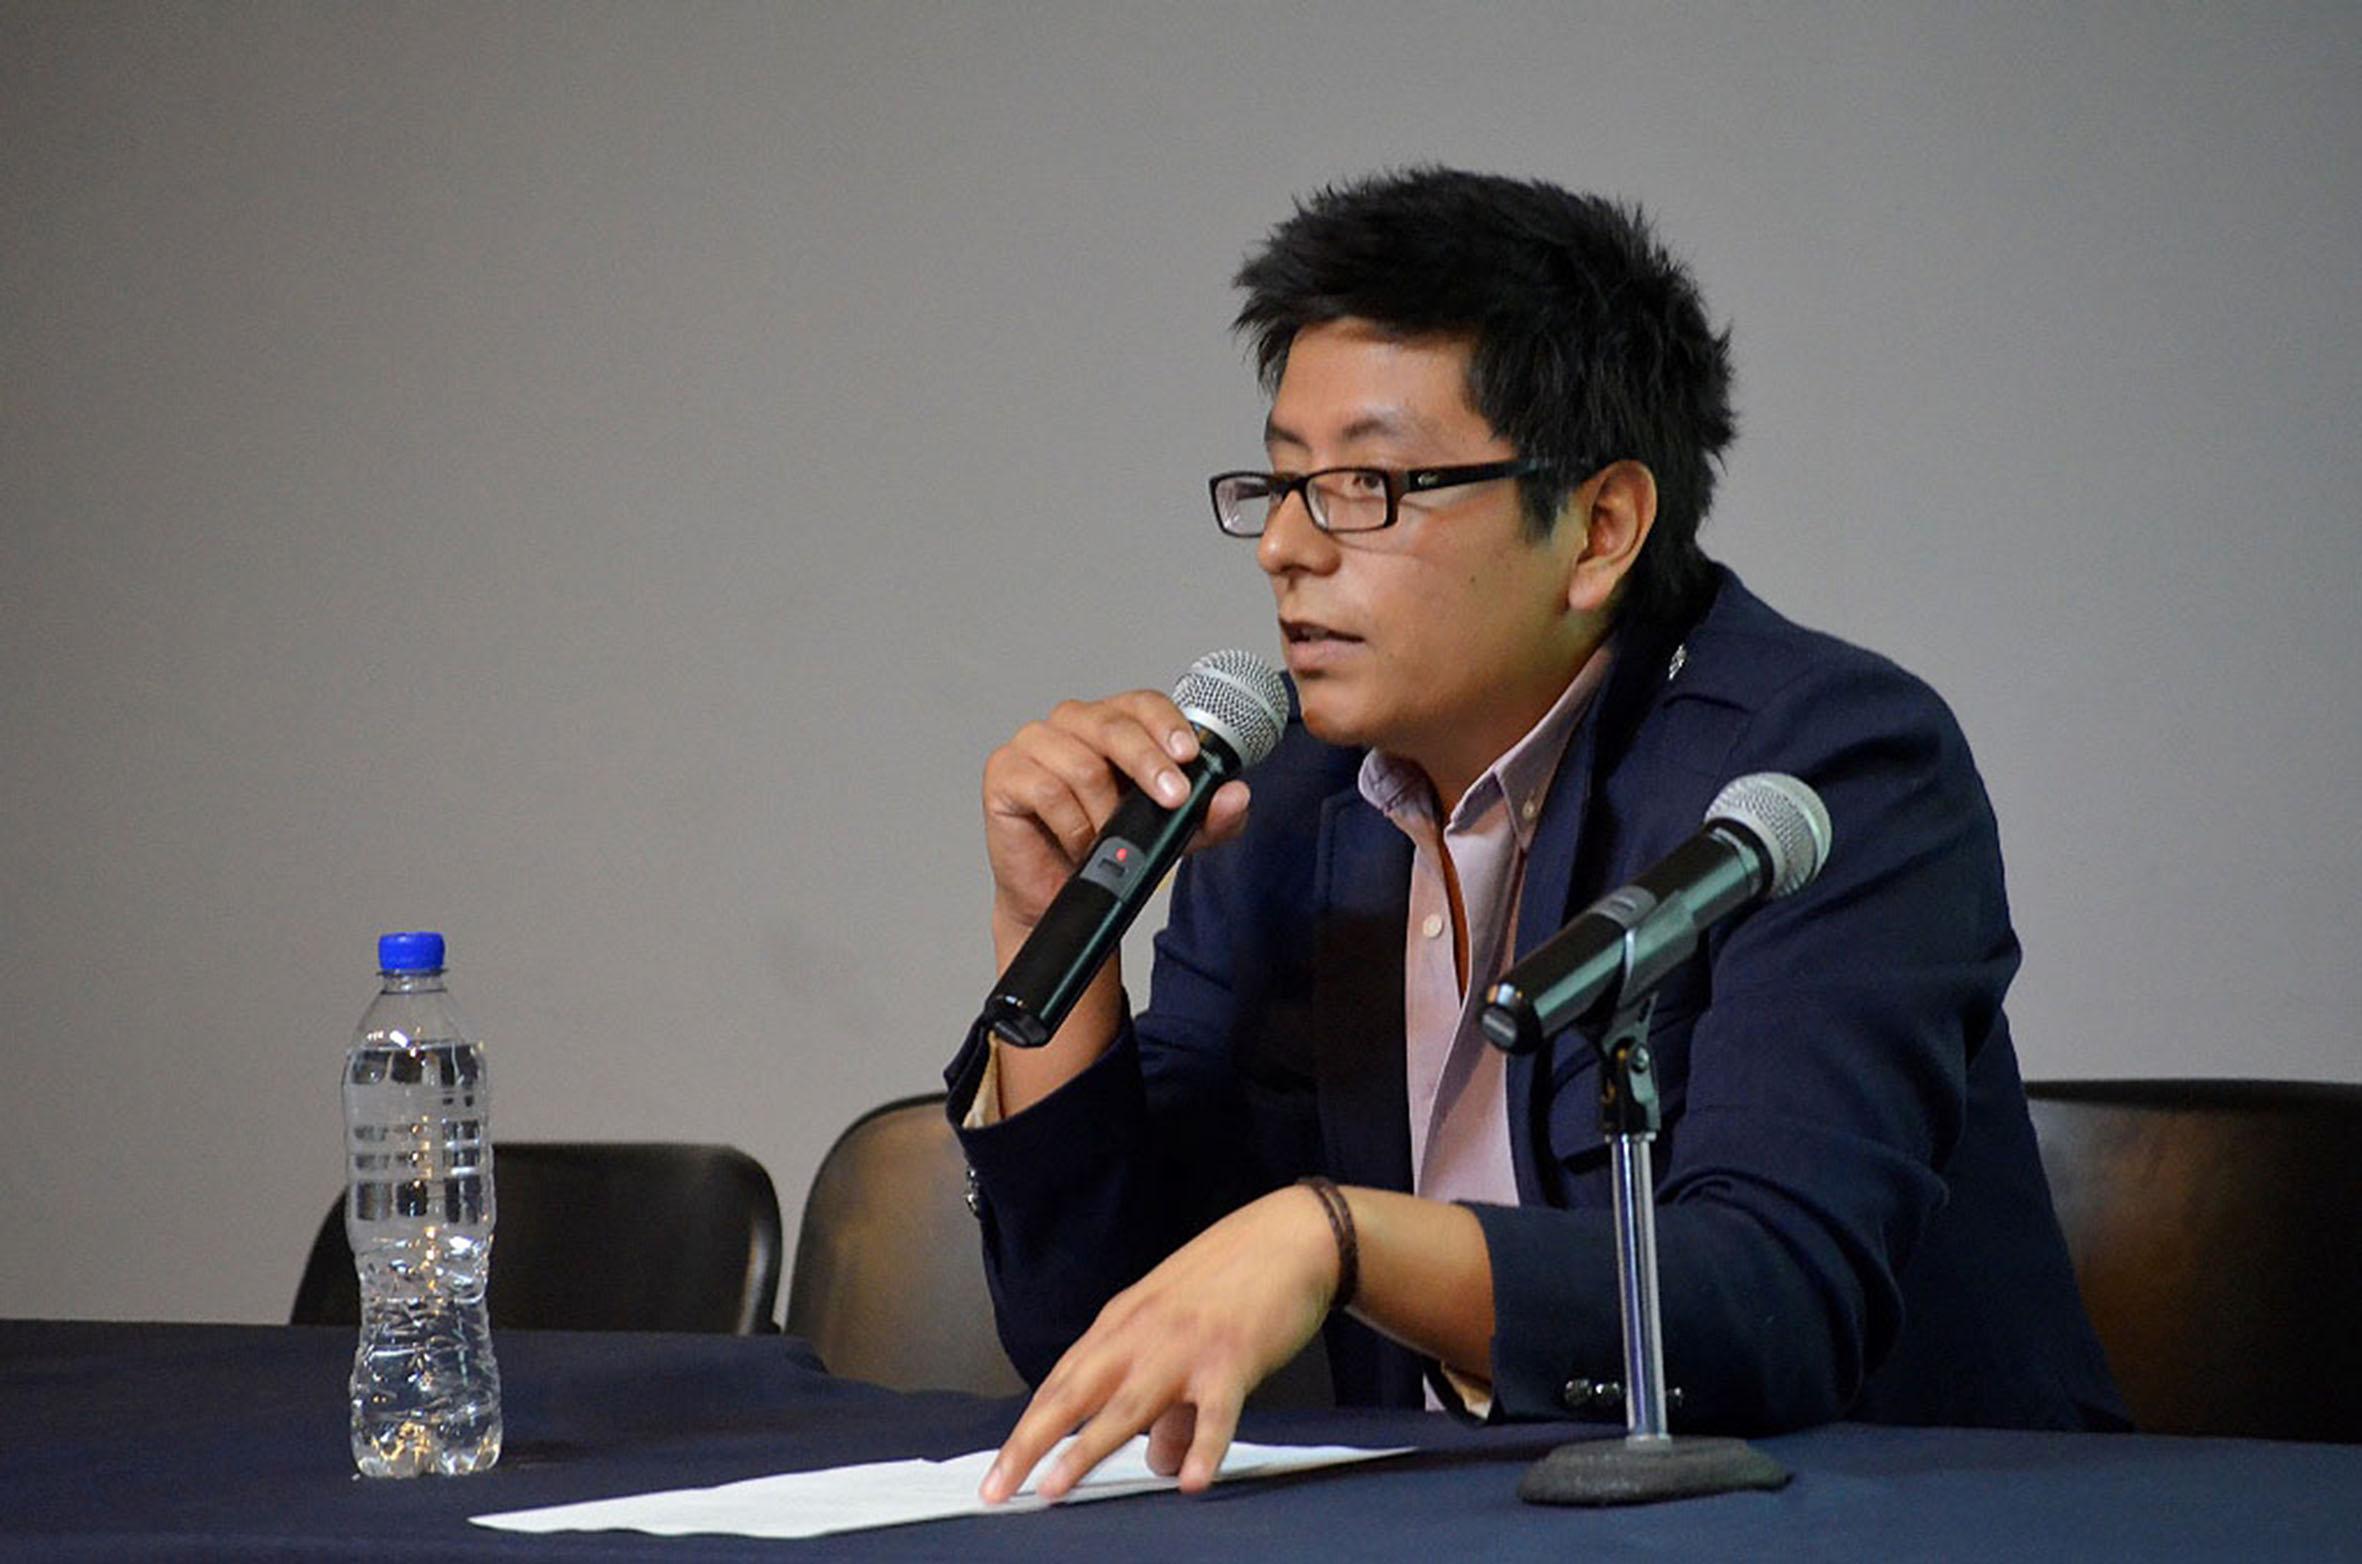 Jorge Melelndez director del movimiento de inclusión social